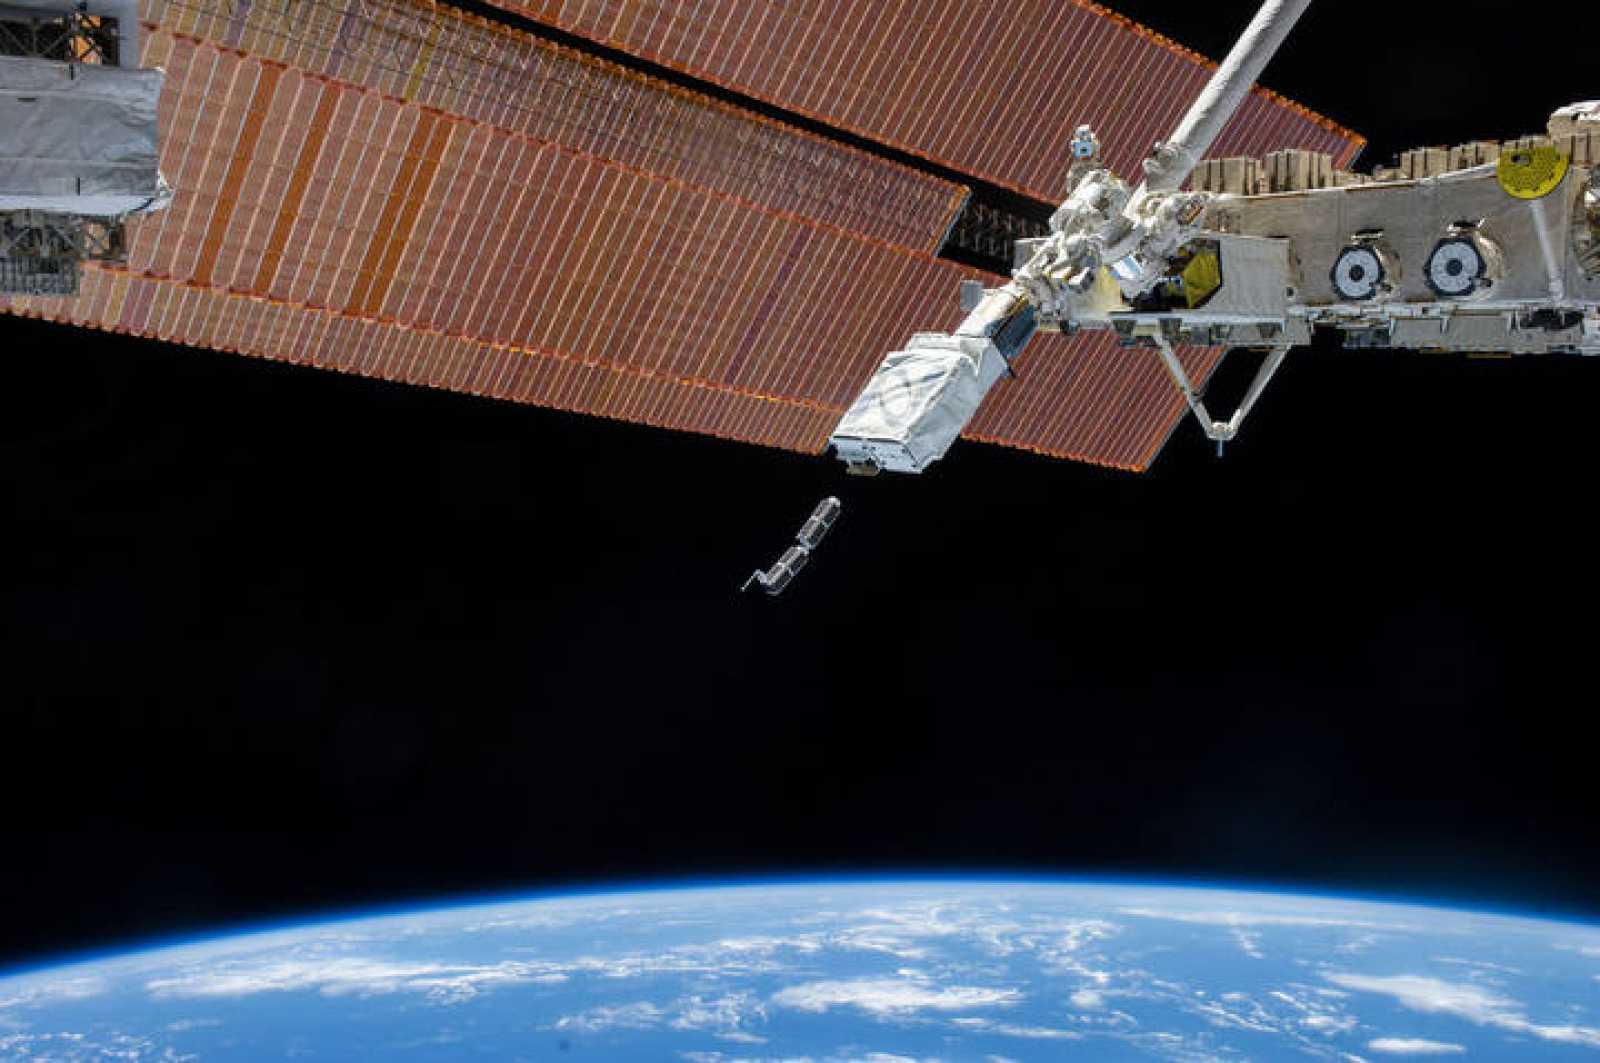 Lanzamiento de dos Cubesats de 30x10x10 centímetros desde la Estación Espacial Internacional